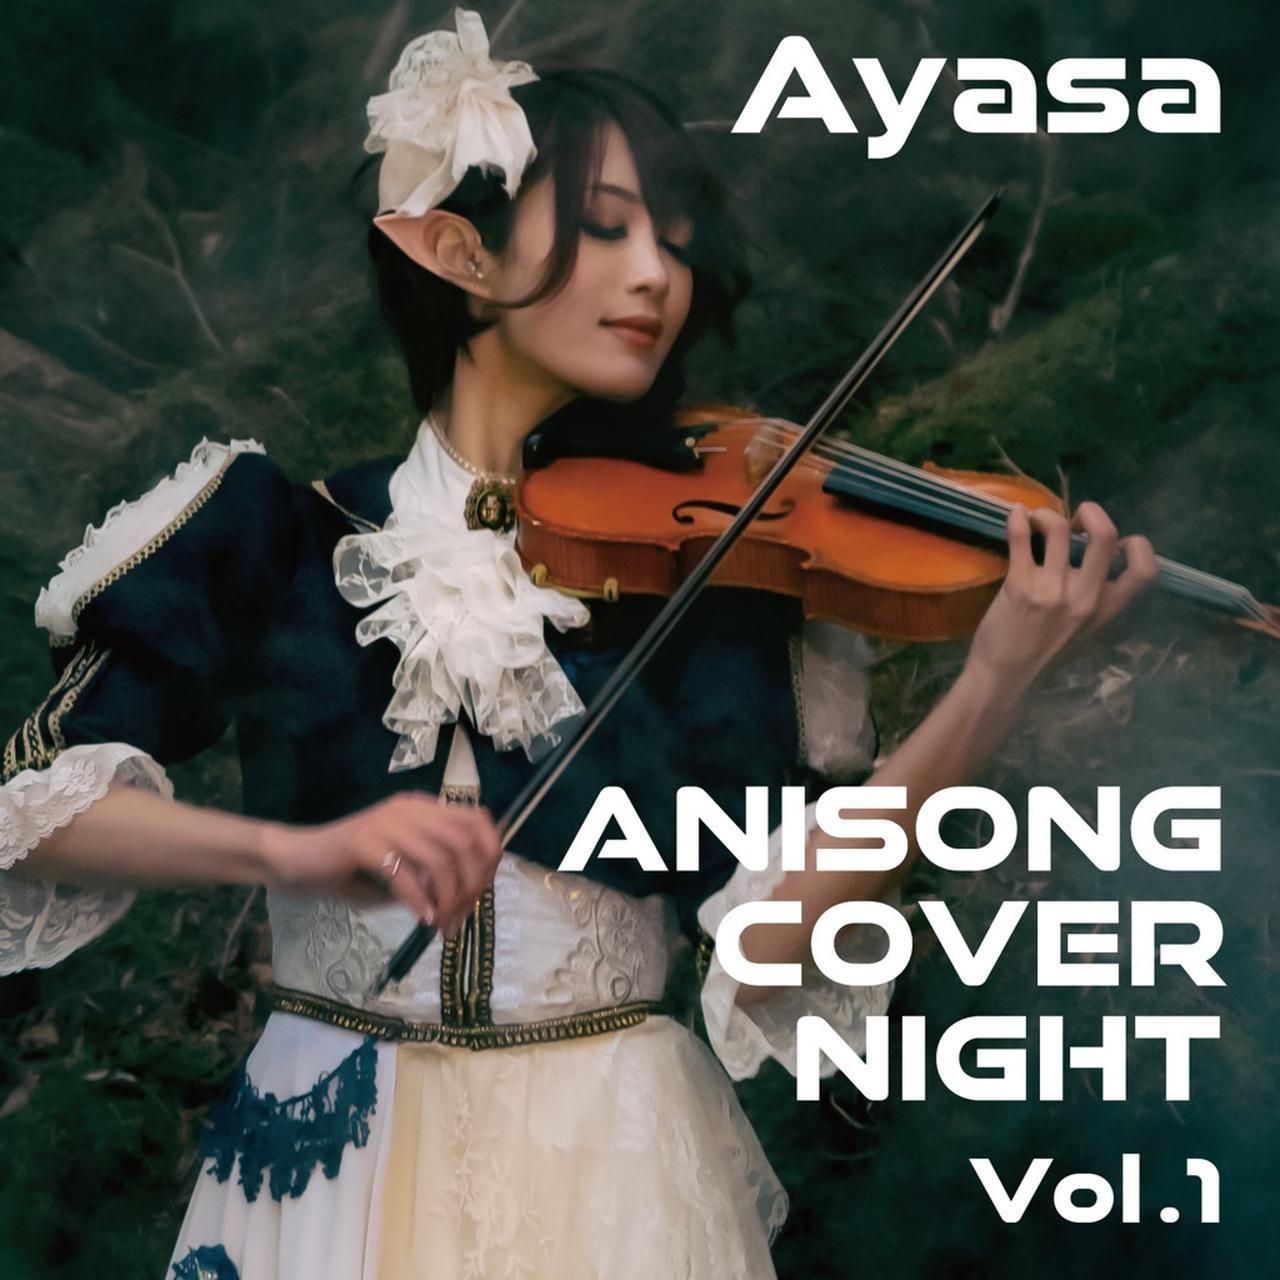 画像: ANISONG COVER NIGHT Vol.1 / Ayasa